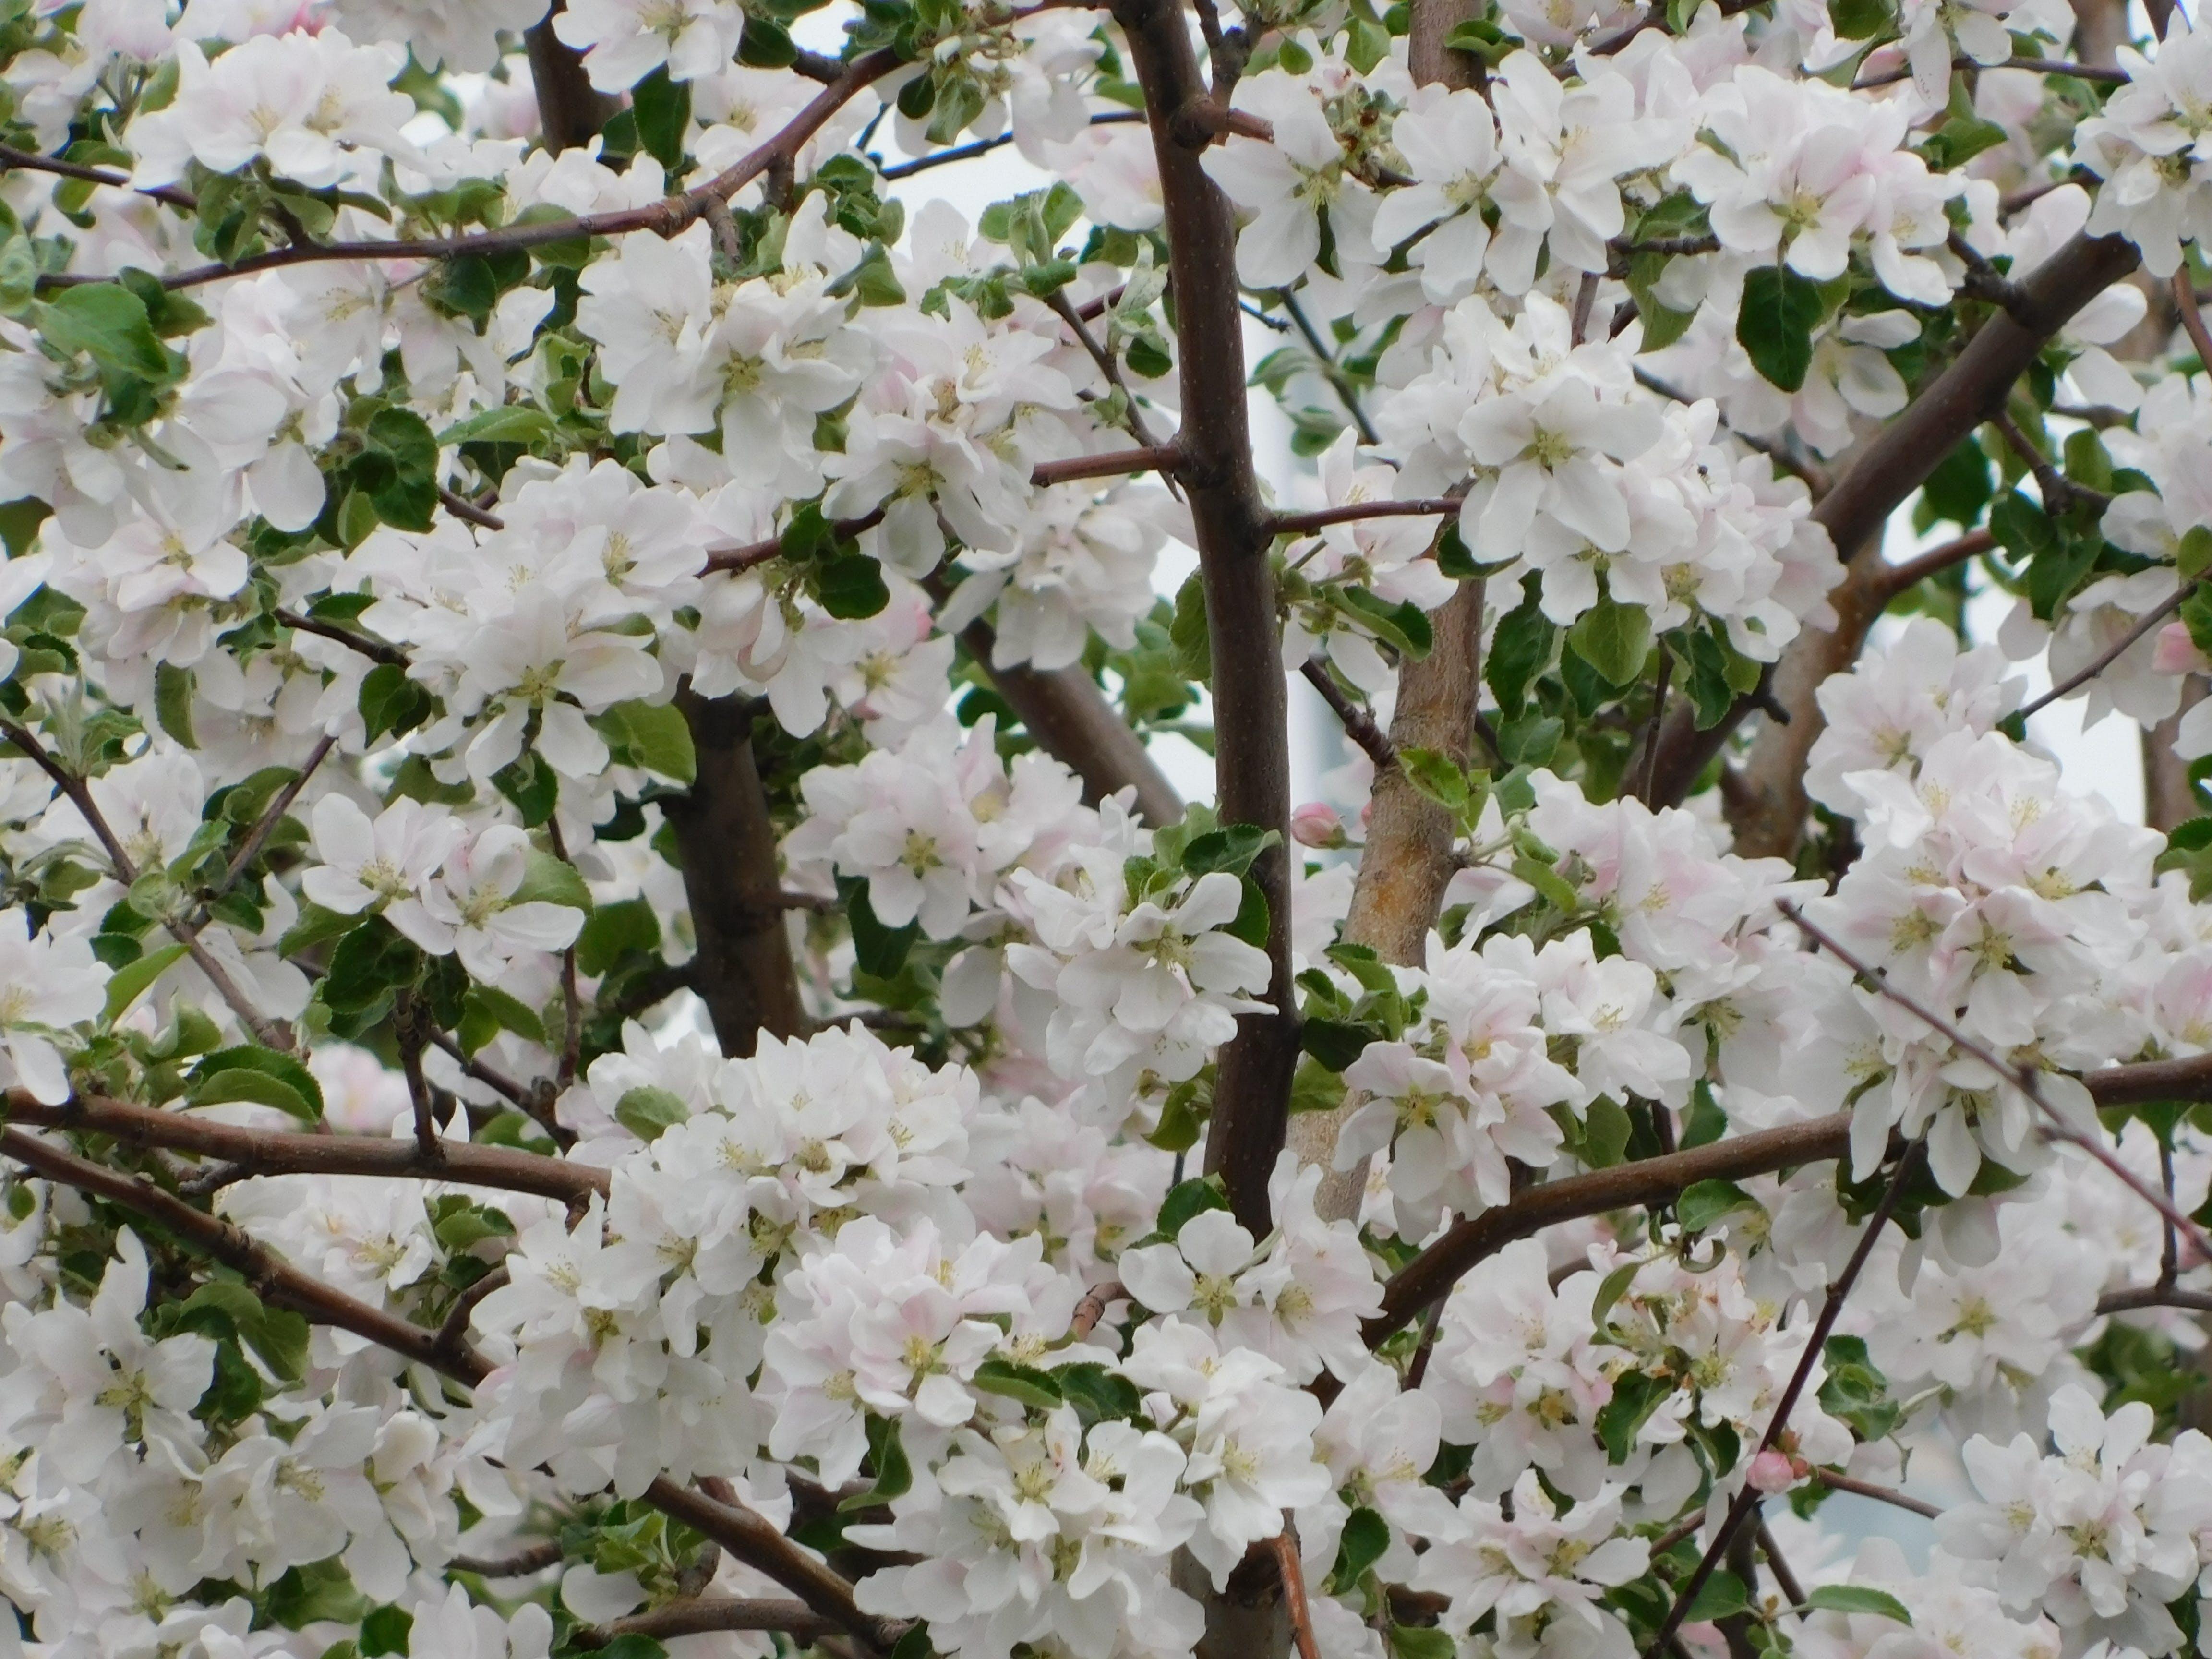 Fotos de stock gratuitas de cerezos en flor